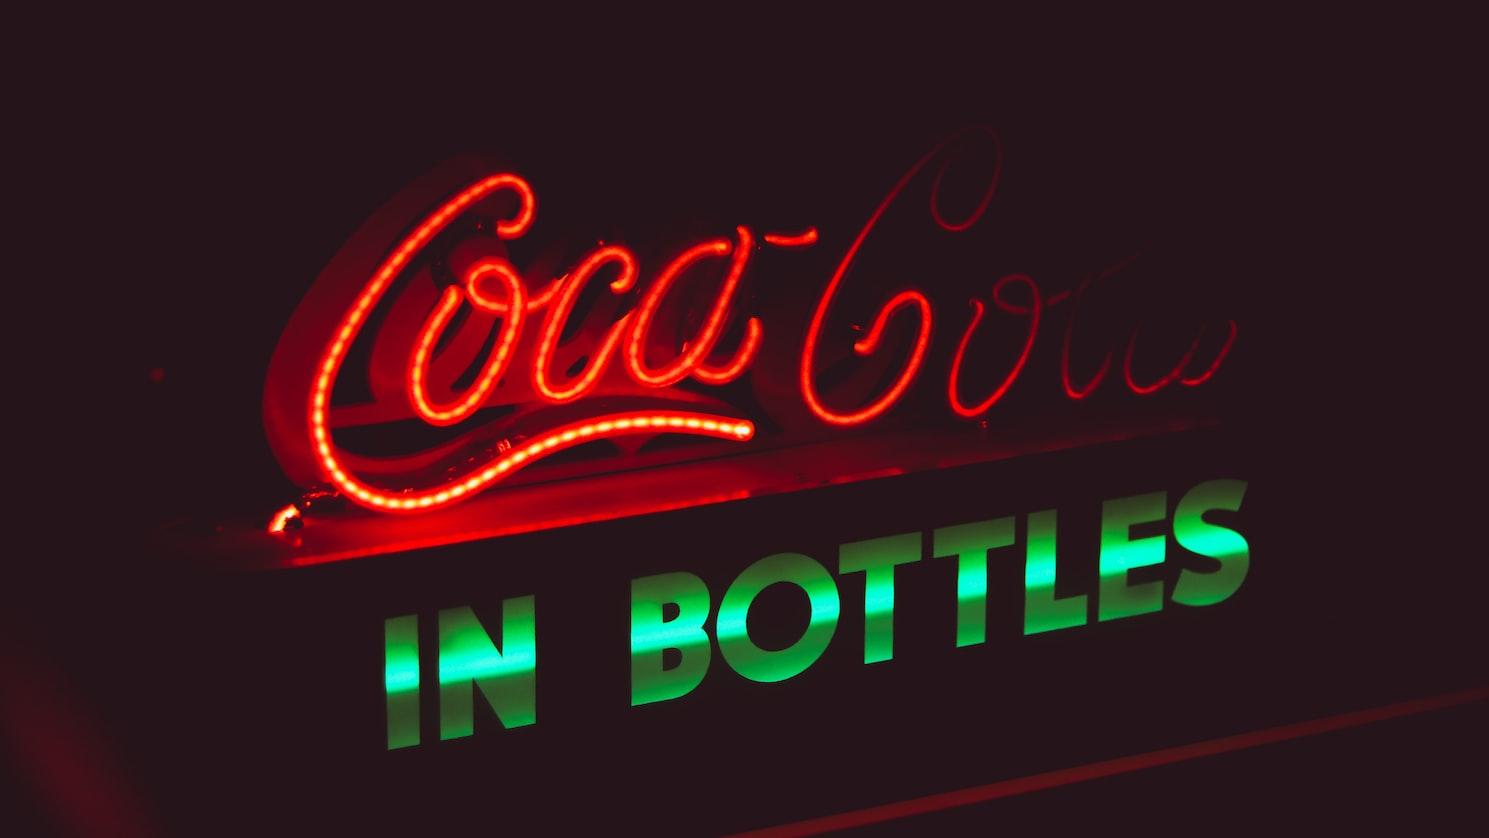 A click in World of Coca-Cola